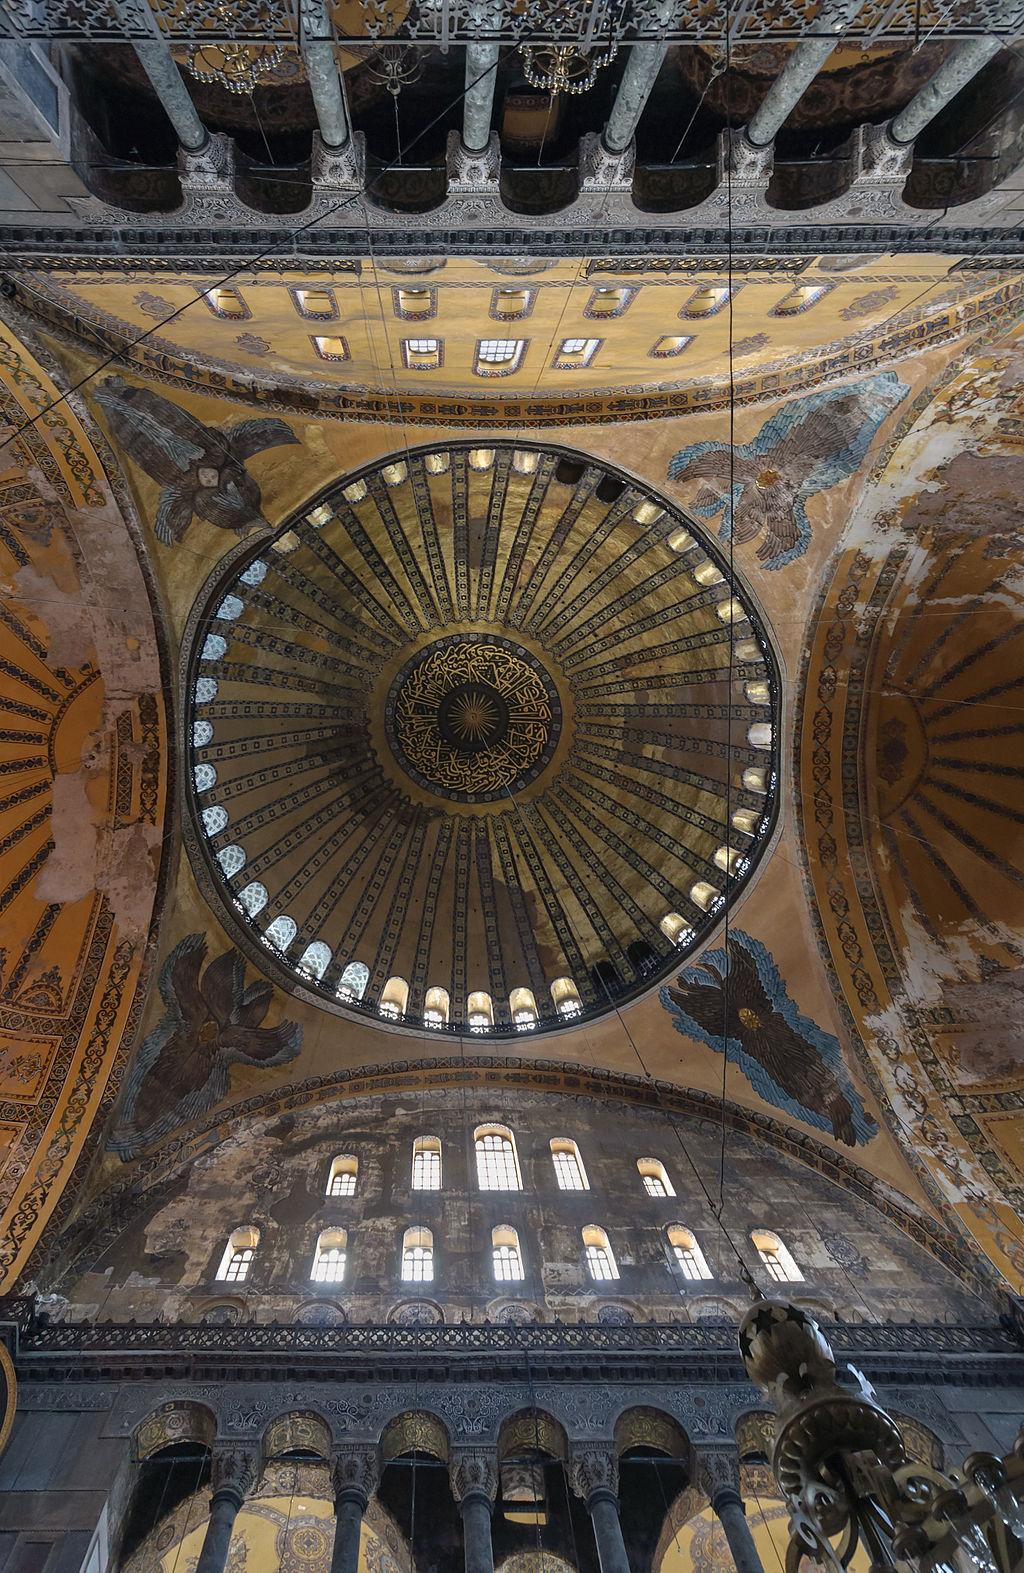 El interior de Hagia Sophia es famoso por su iluminación mística